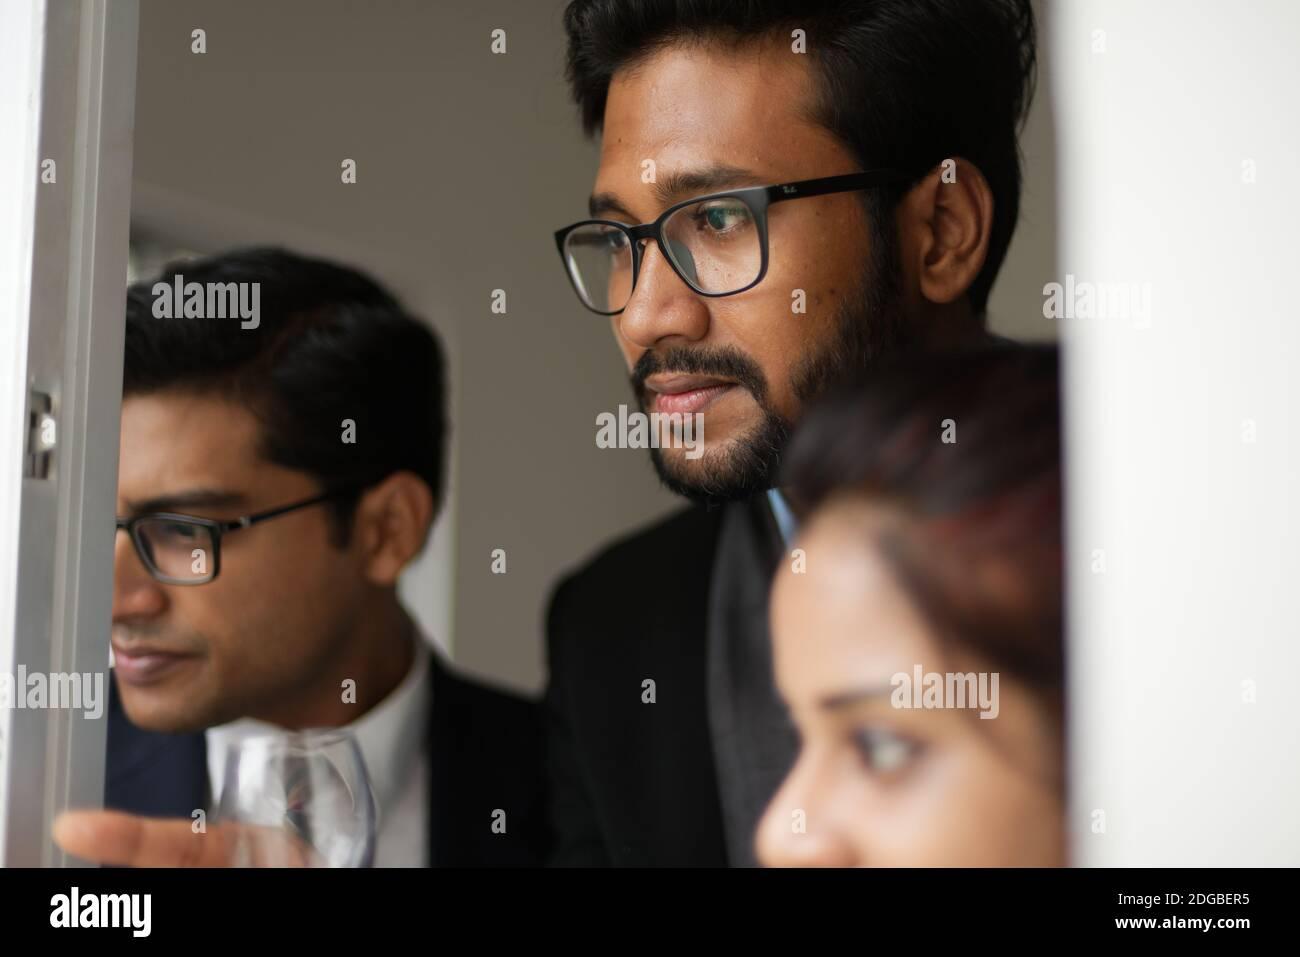 Réunions d'entreprise entre les jeunes et énergiques patrons/officiers/directeurs et secrétaire bengalis indiens à la fenêtre du bâtiment de bureau. Banque D'Images